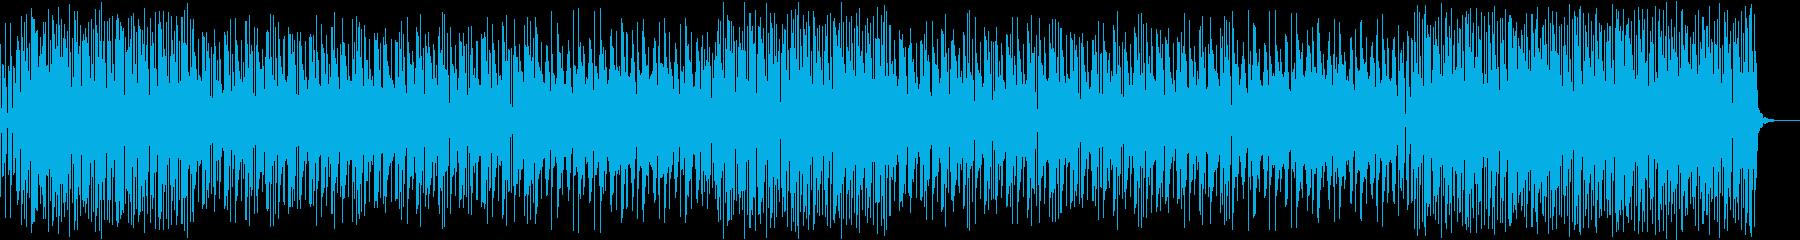 明るい、陽気な短めポップインストの再生済みの波形